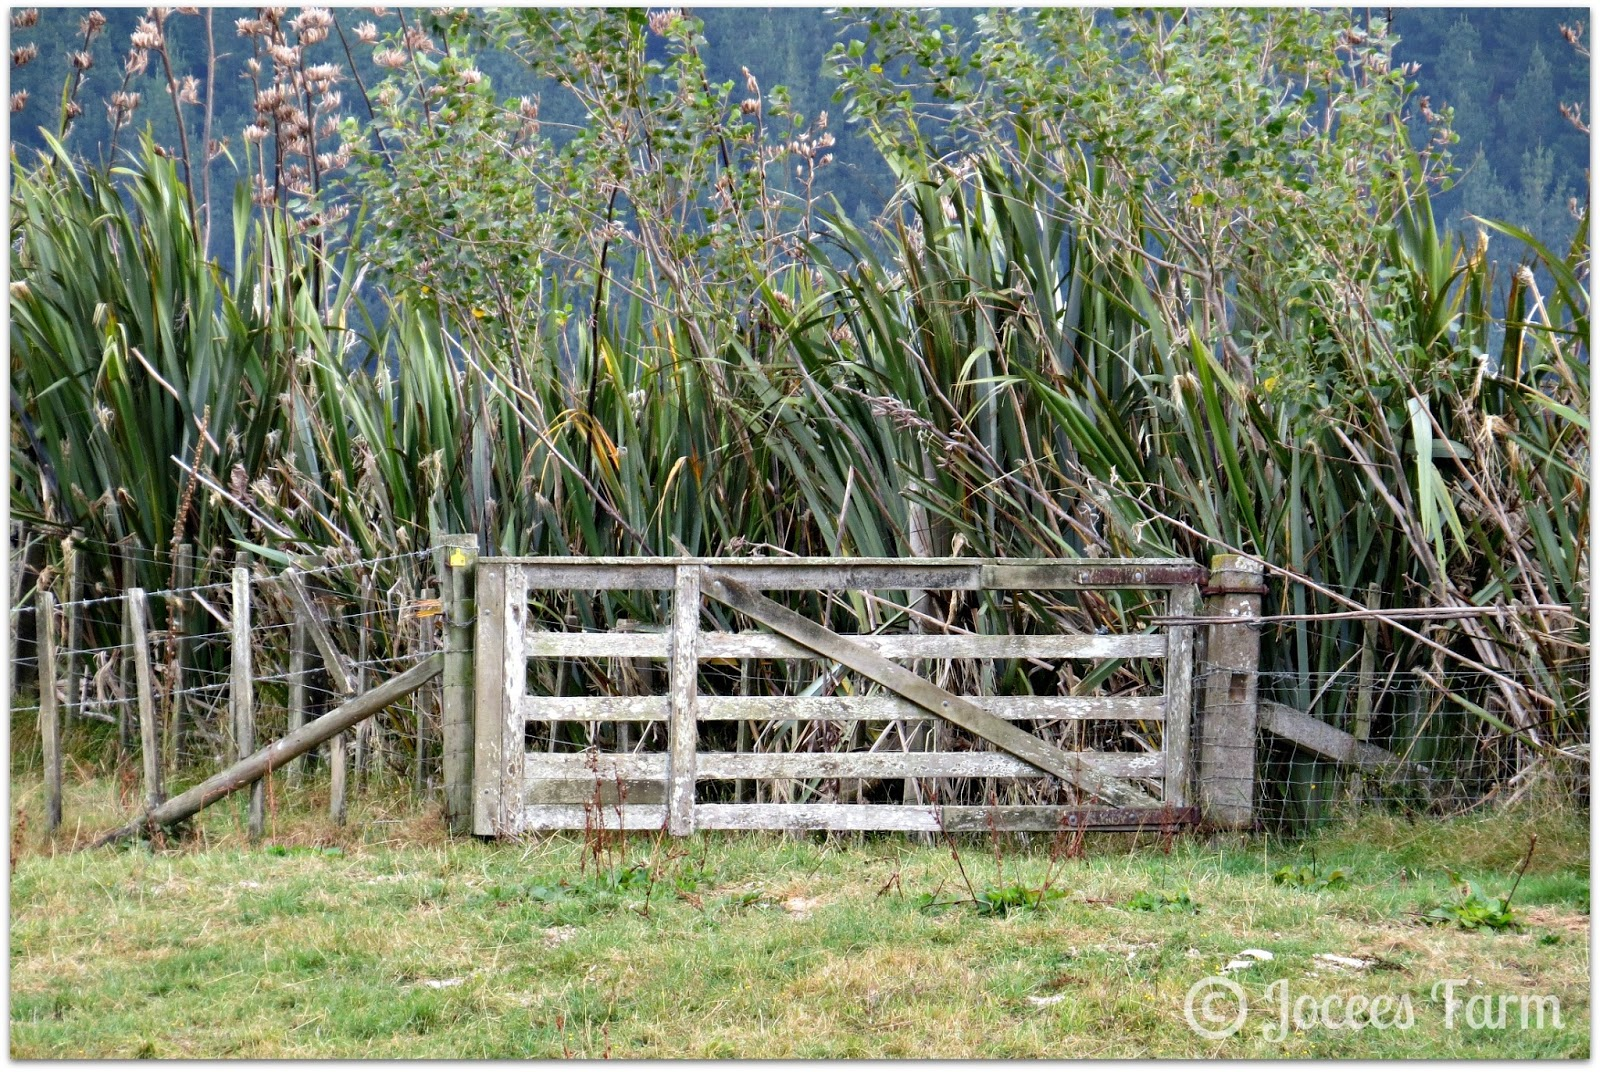 Jocees Farm Farm Gates